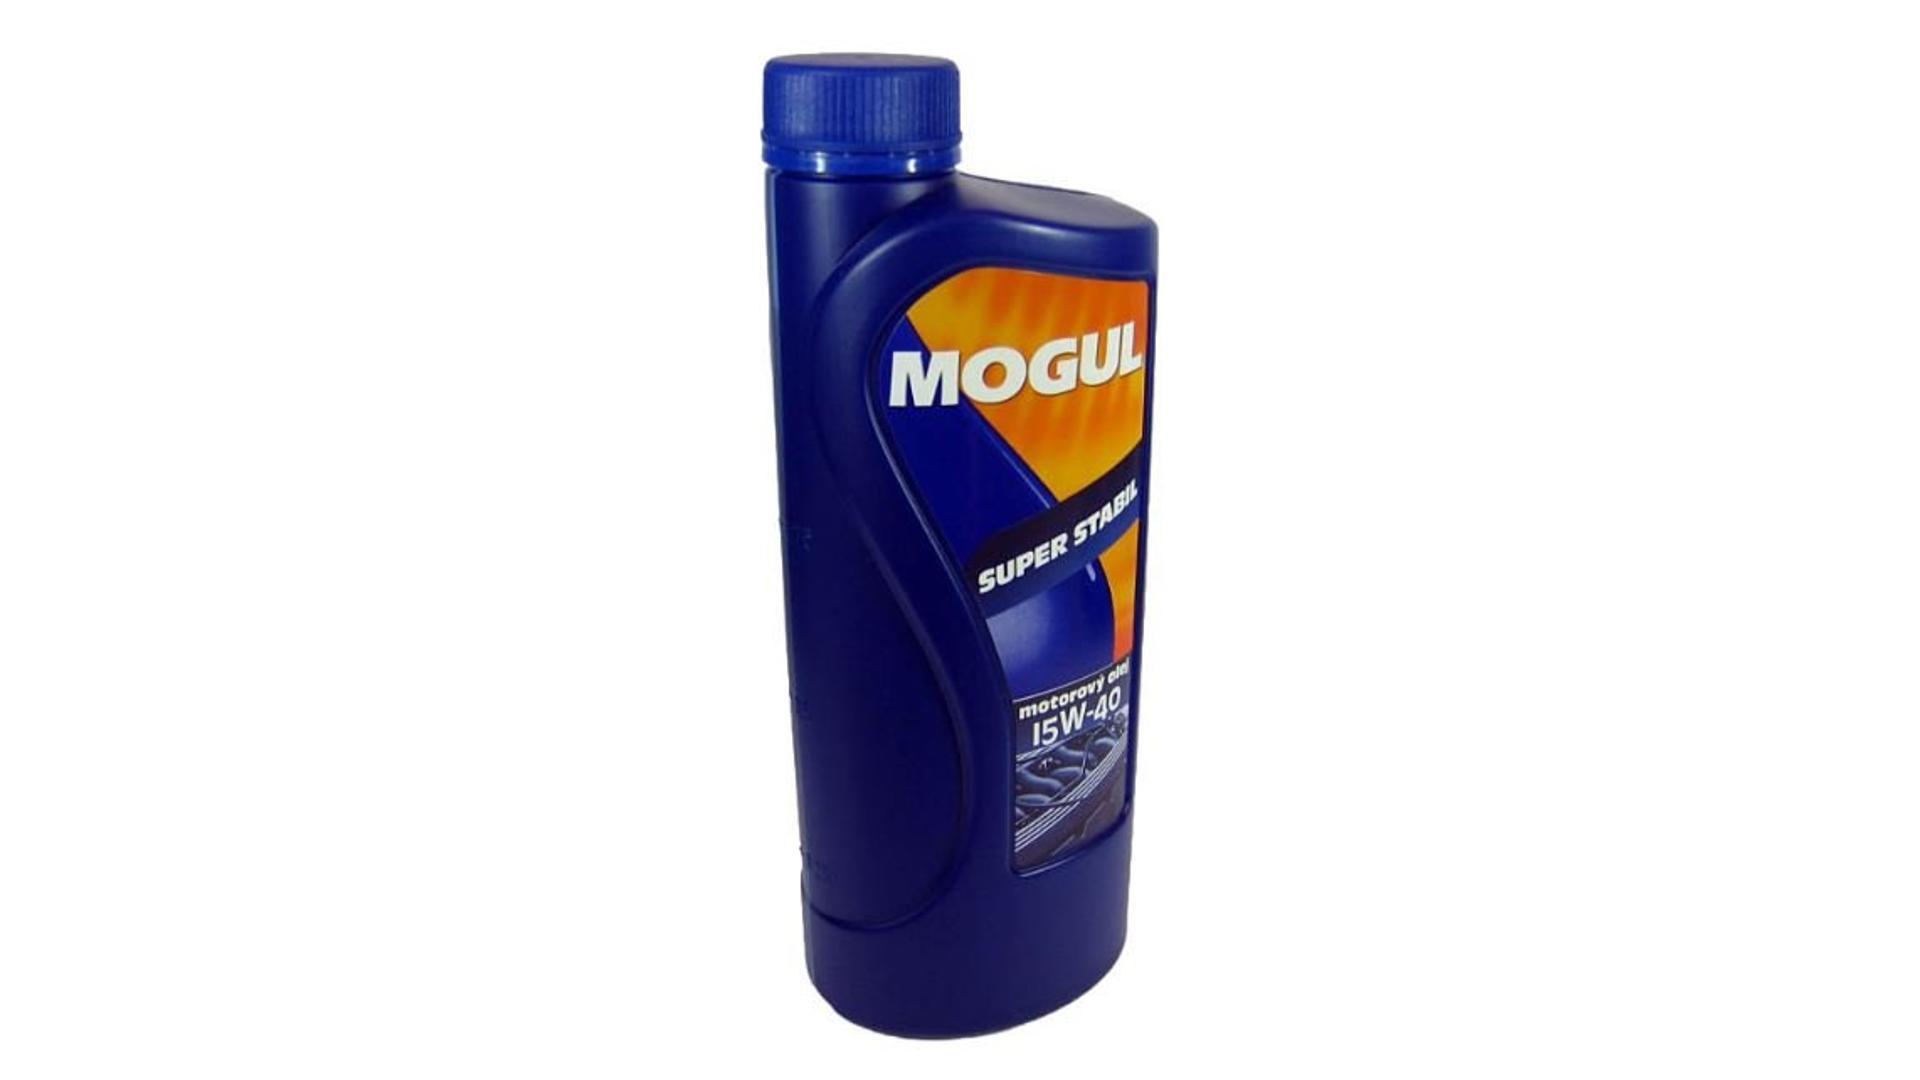 MOGUL SUPER STABIL 15W-40 /1